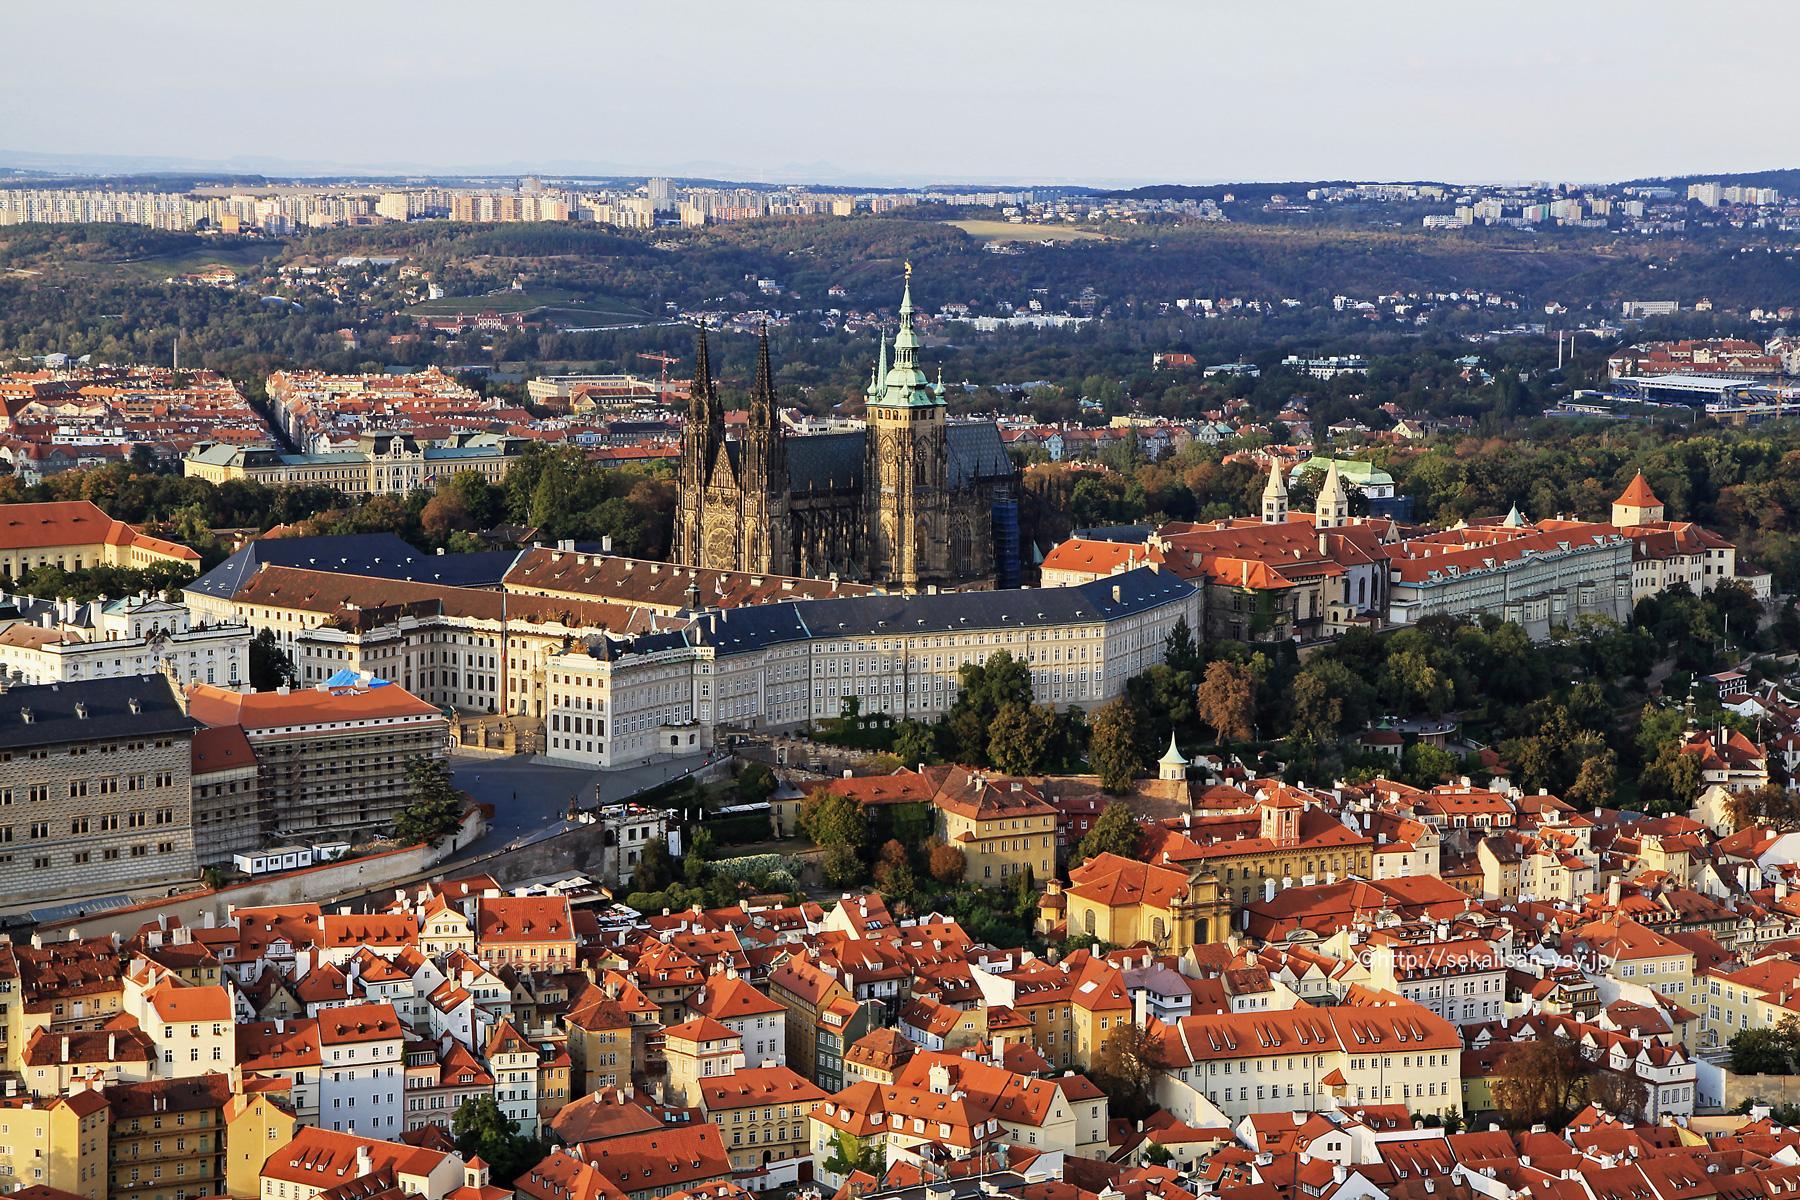 チェコ世界遺産「プラハ歴史地区」- プラハ城